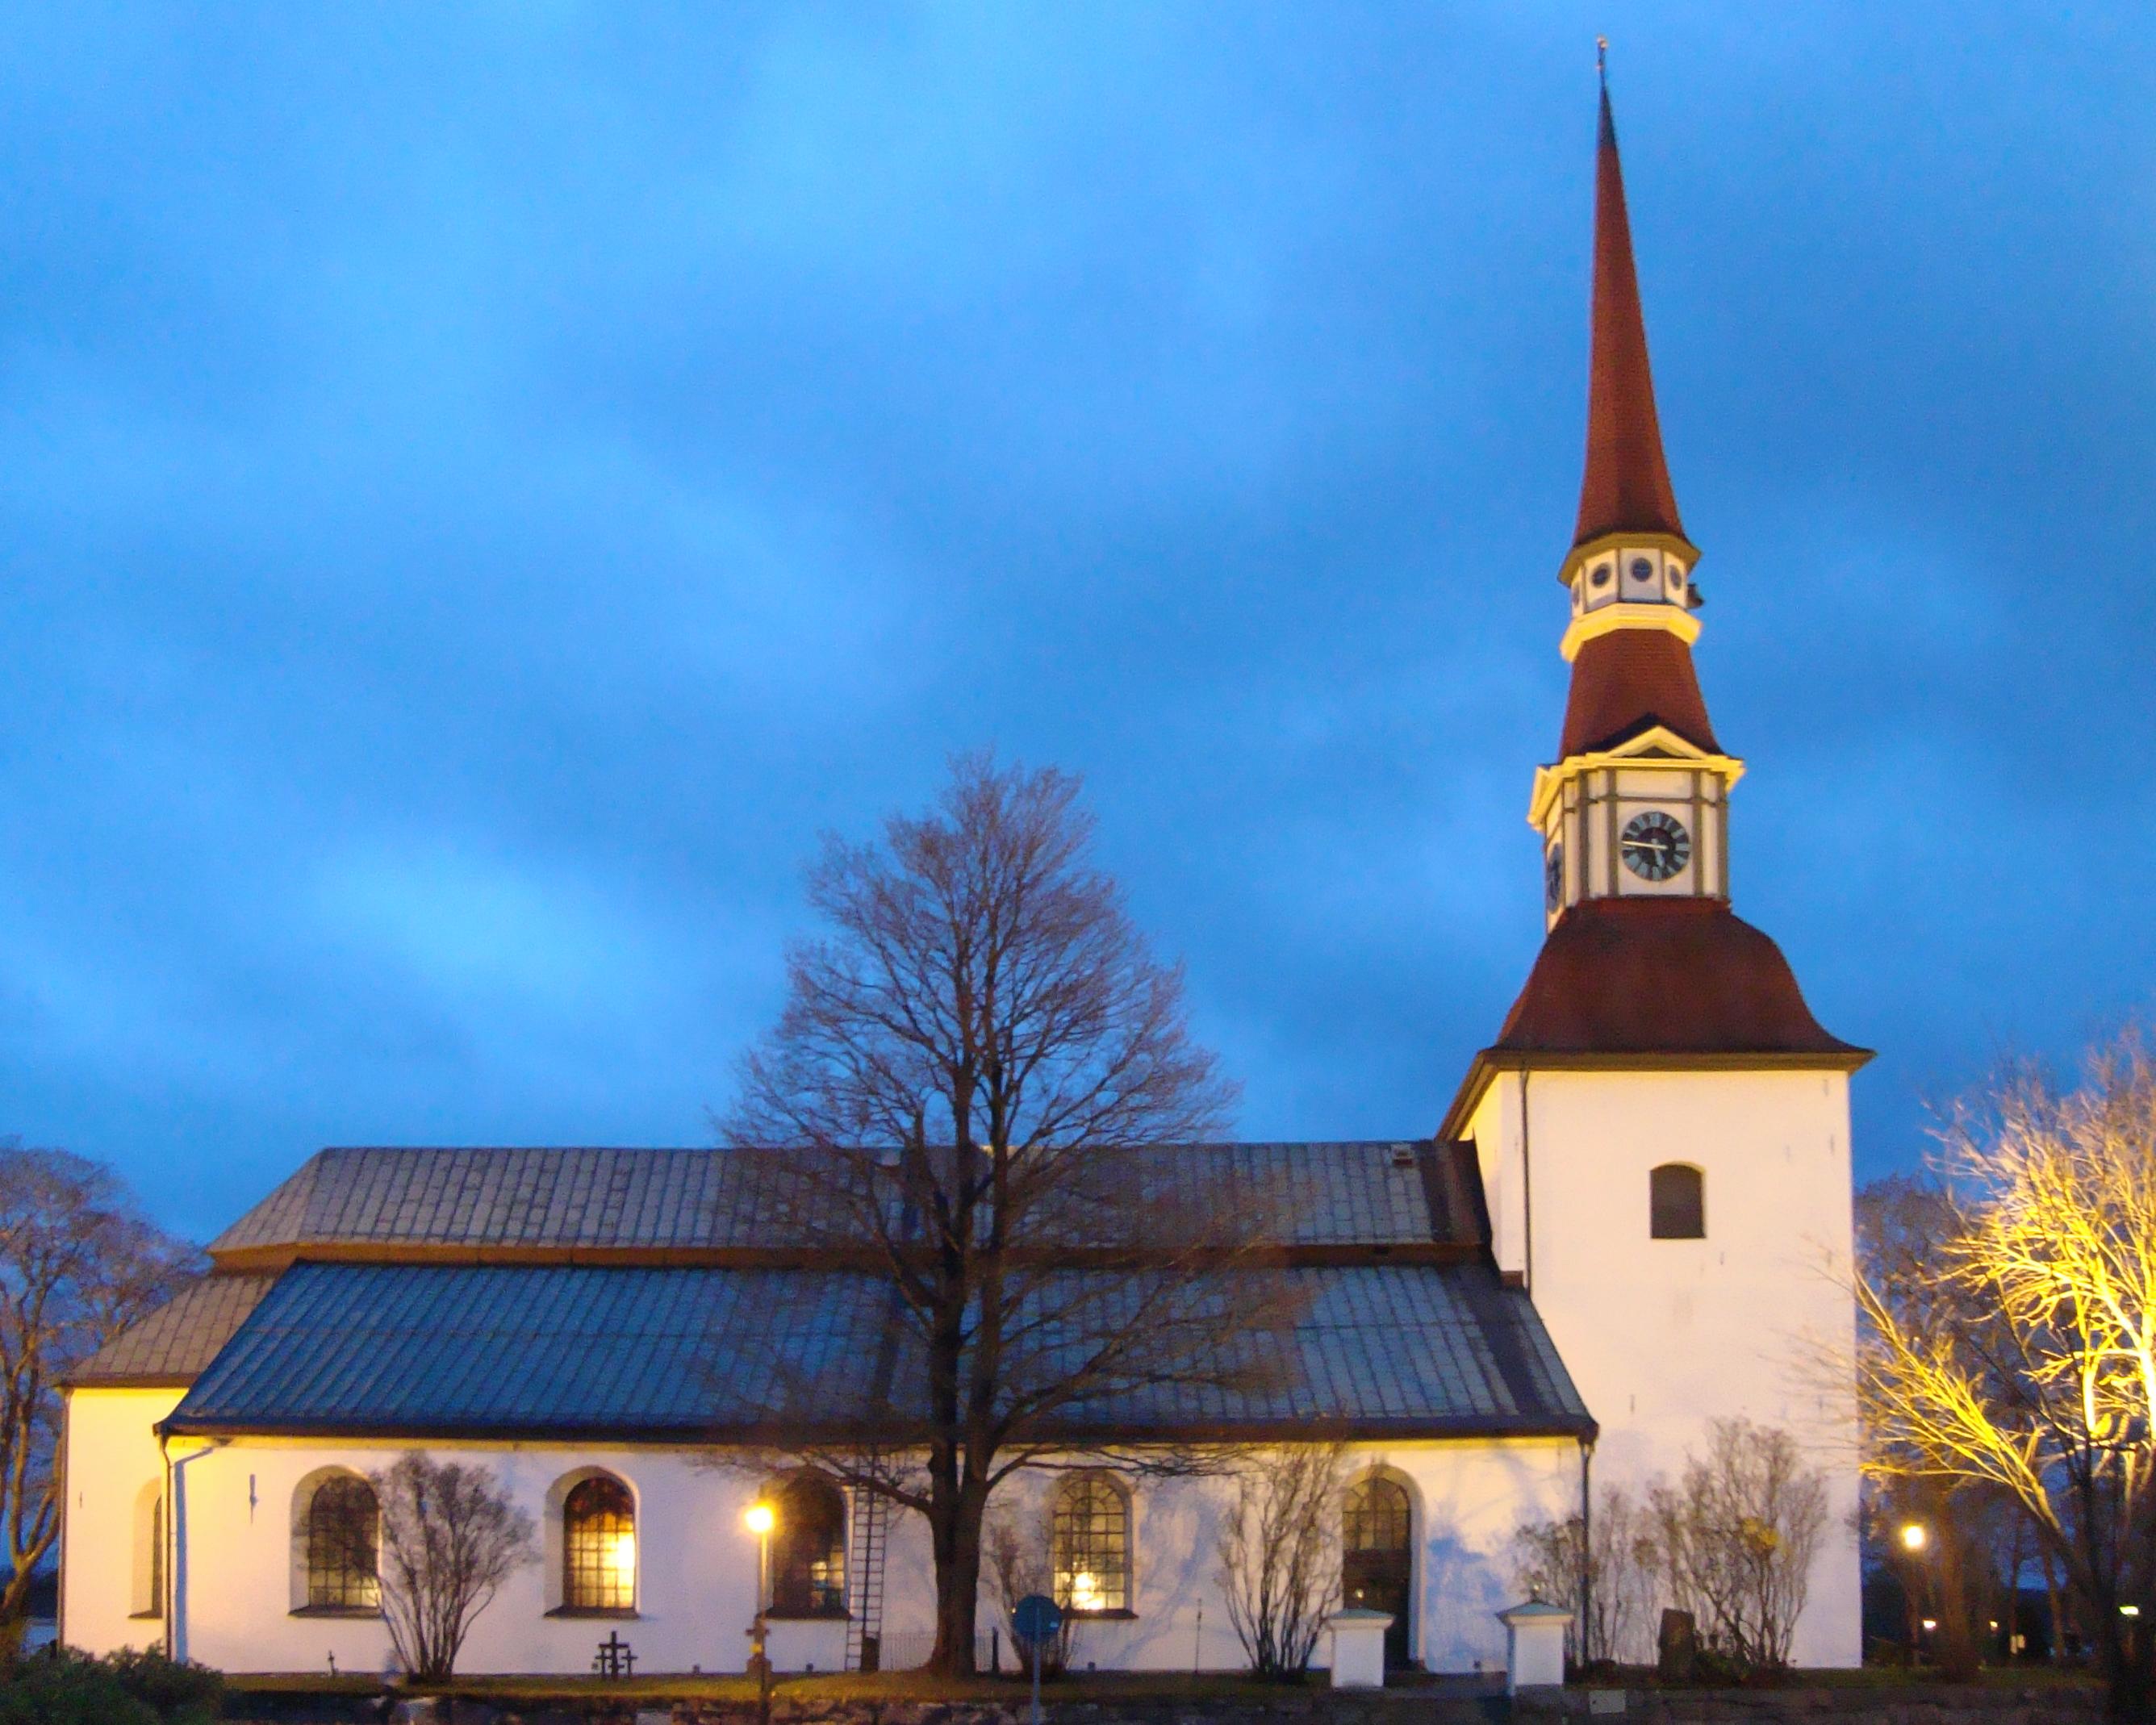 Fil:Norrbrke kyrka hayeshitzemanfoundation.org Wikipedia